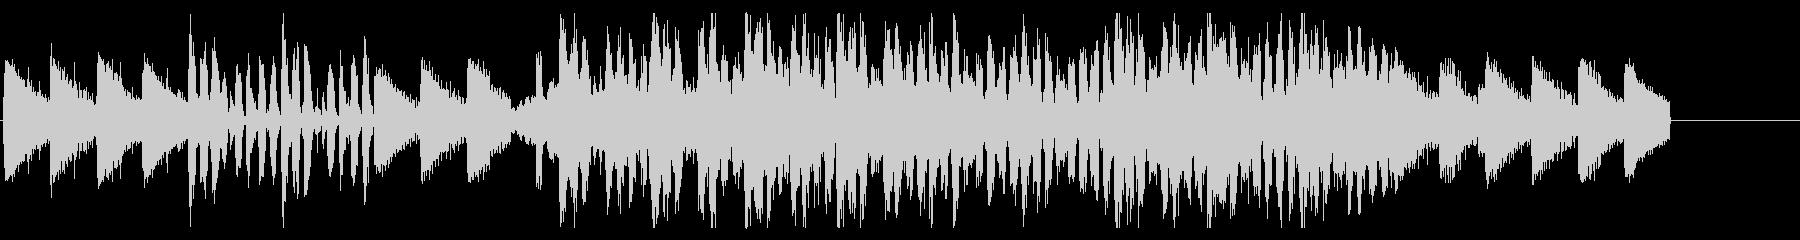 ピアノメインで疾走感のある短尺動画用楽曲の未再生の波形